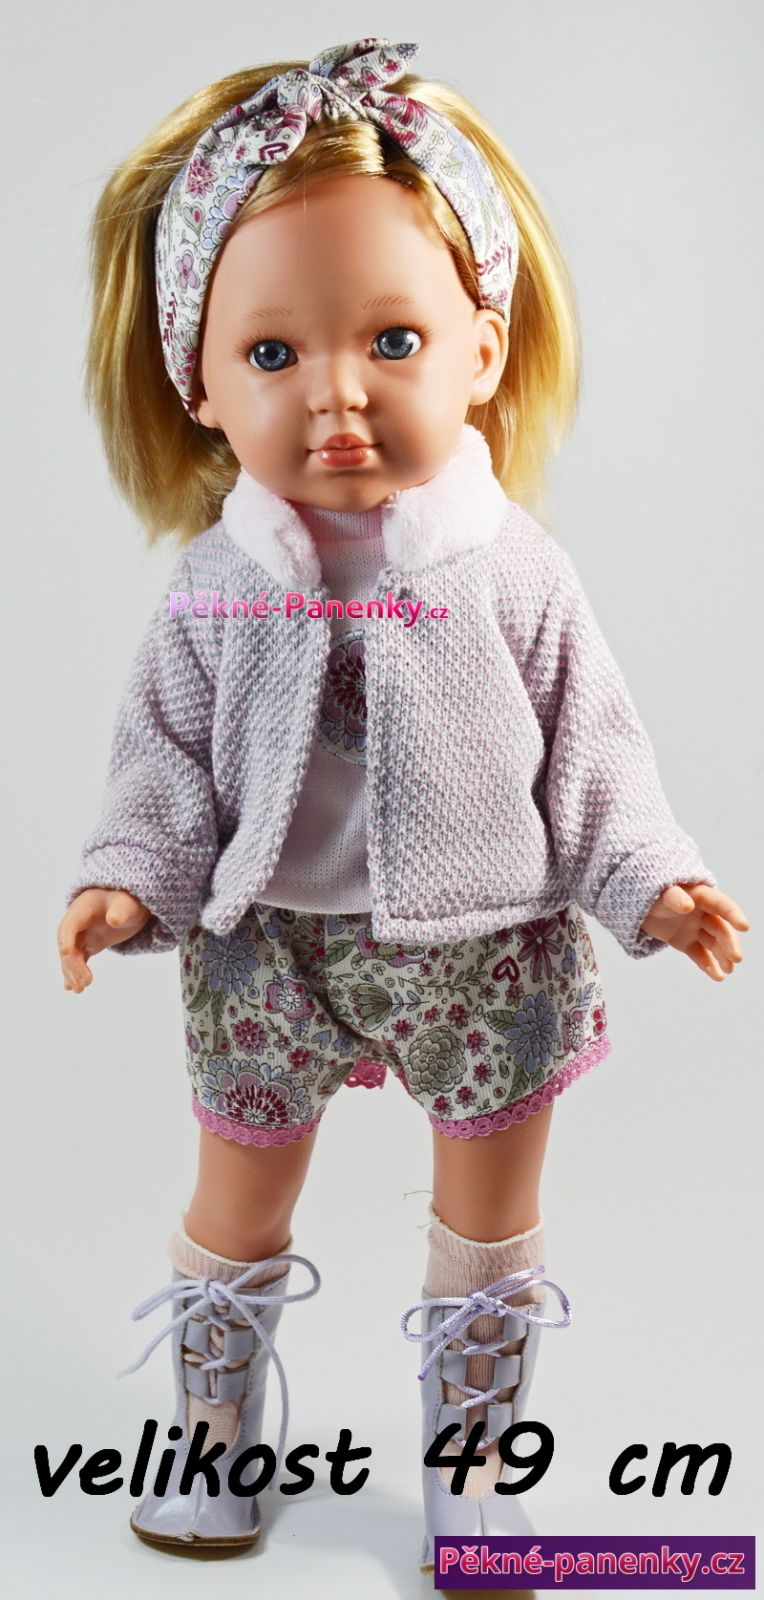 velká realistická panenka s vlasy